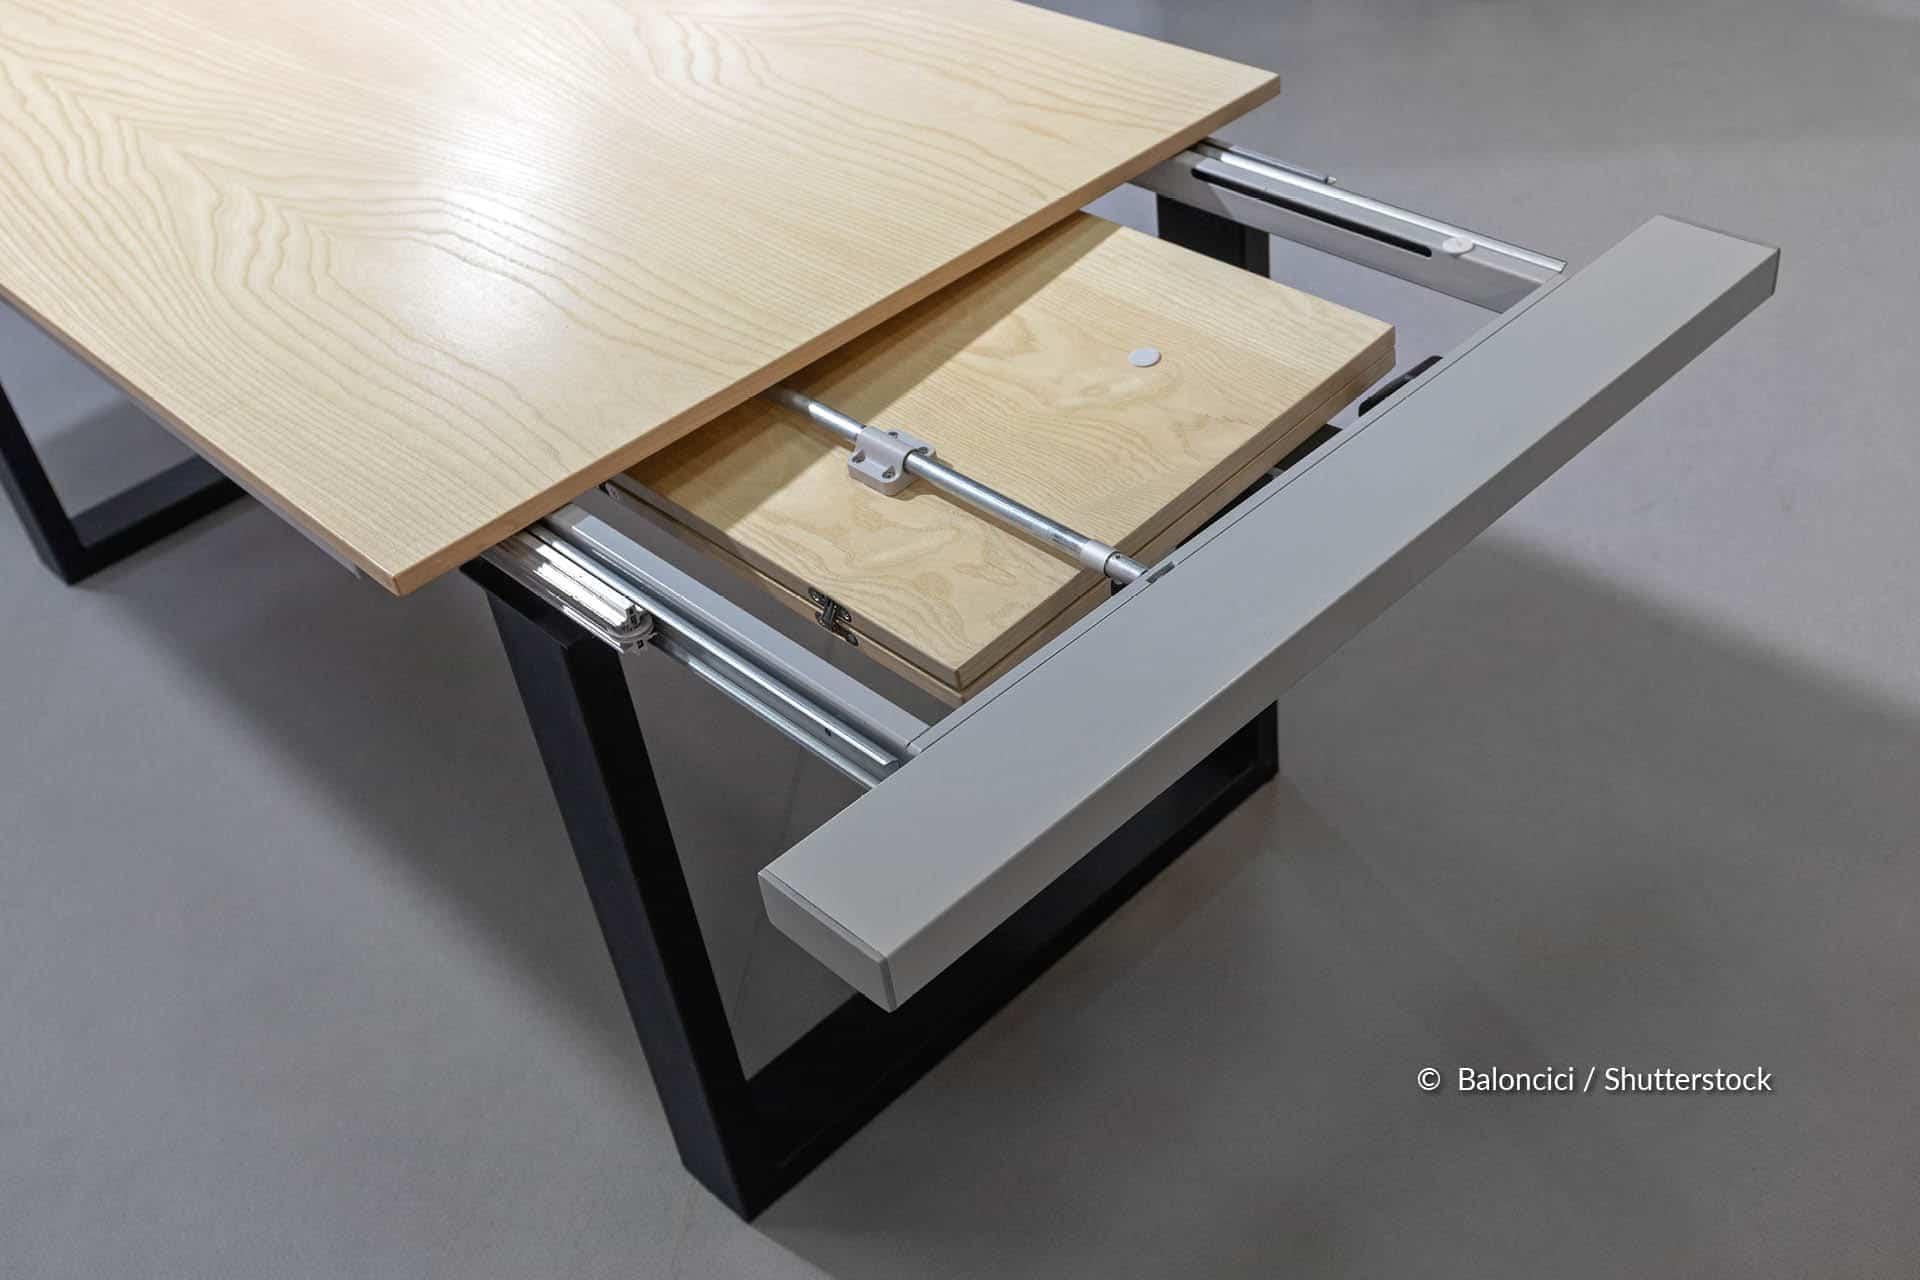 Comment débloquer les rails d'une table extensible?